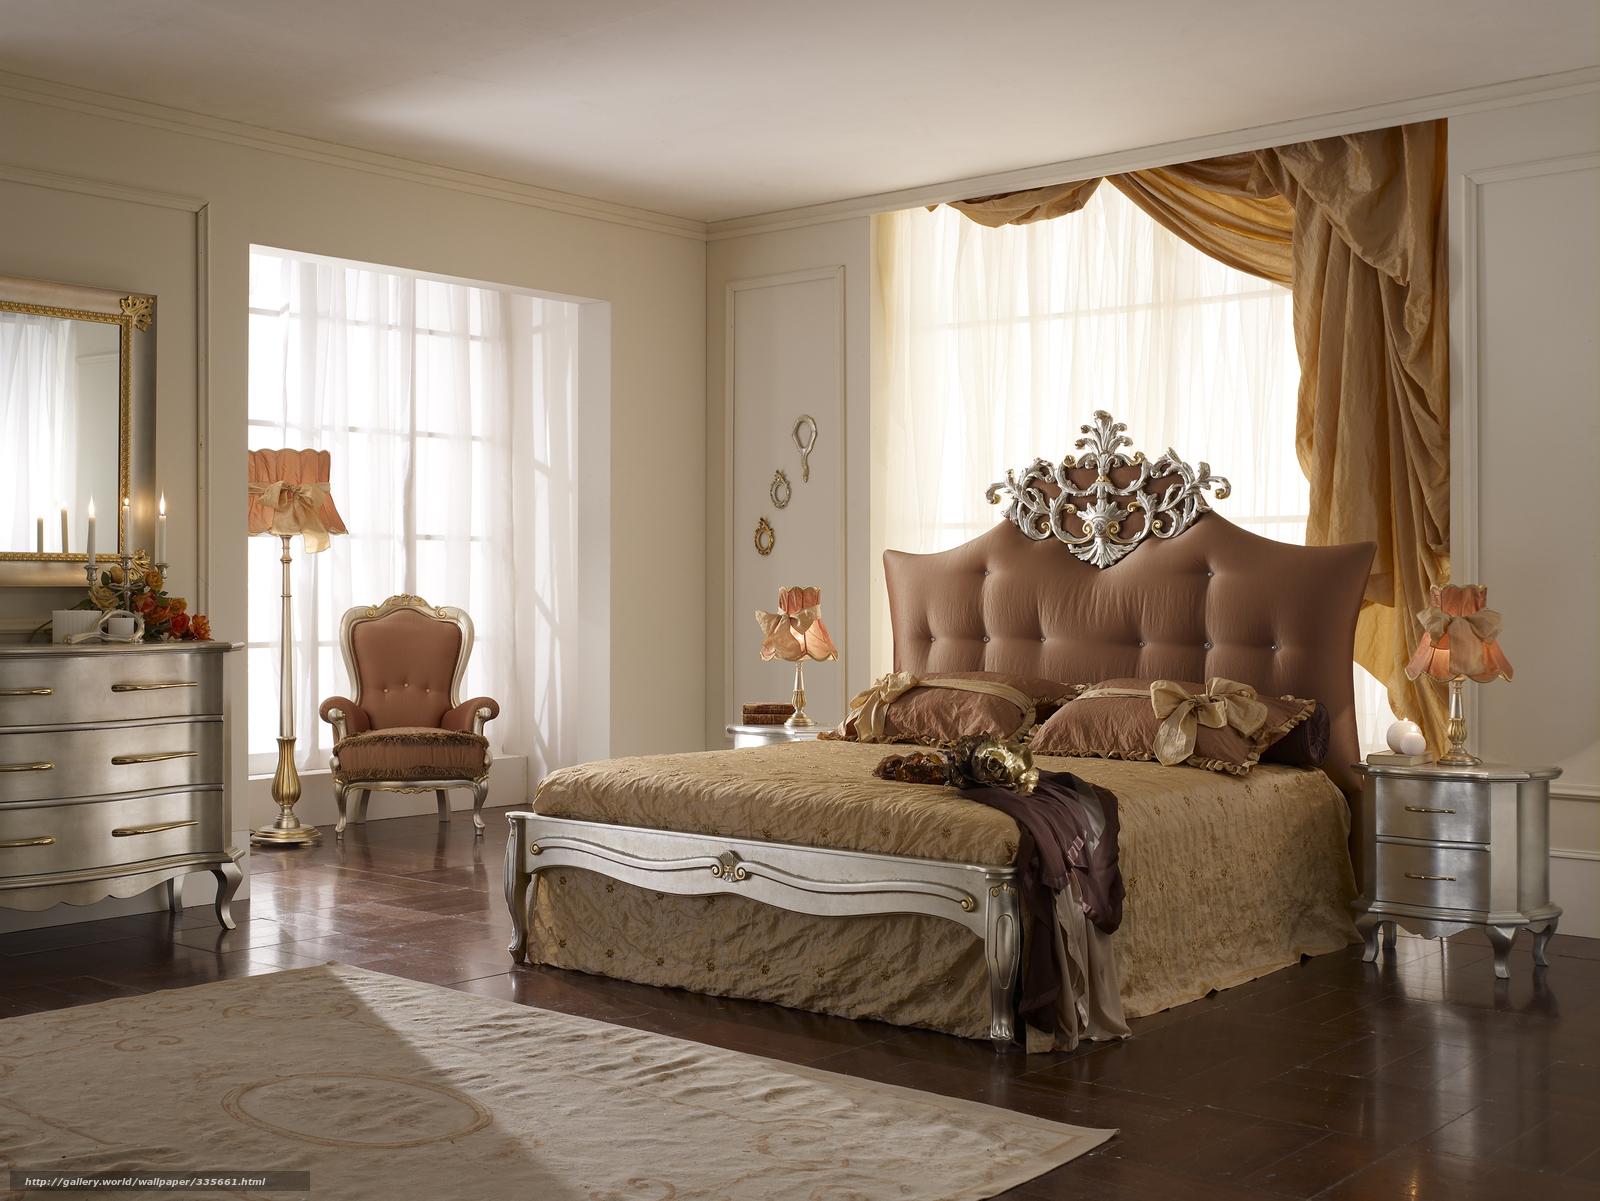 Scaricare gli sfondi camera da letto letto interno - Sedia camera da letto ...